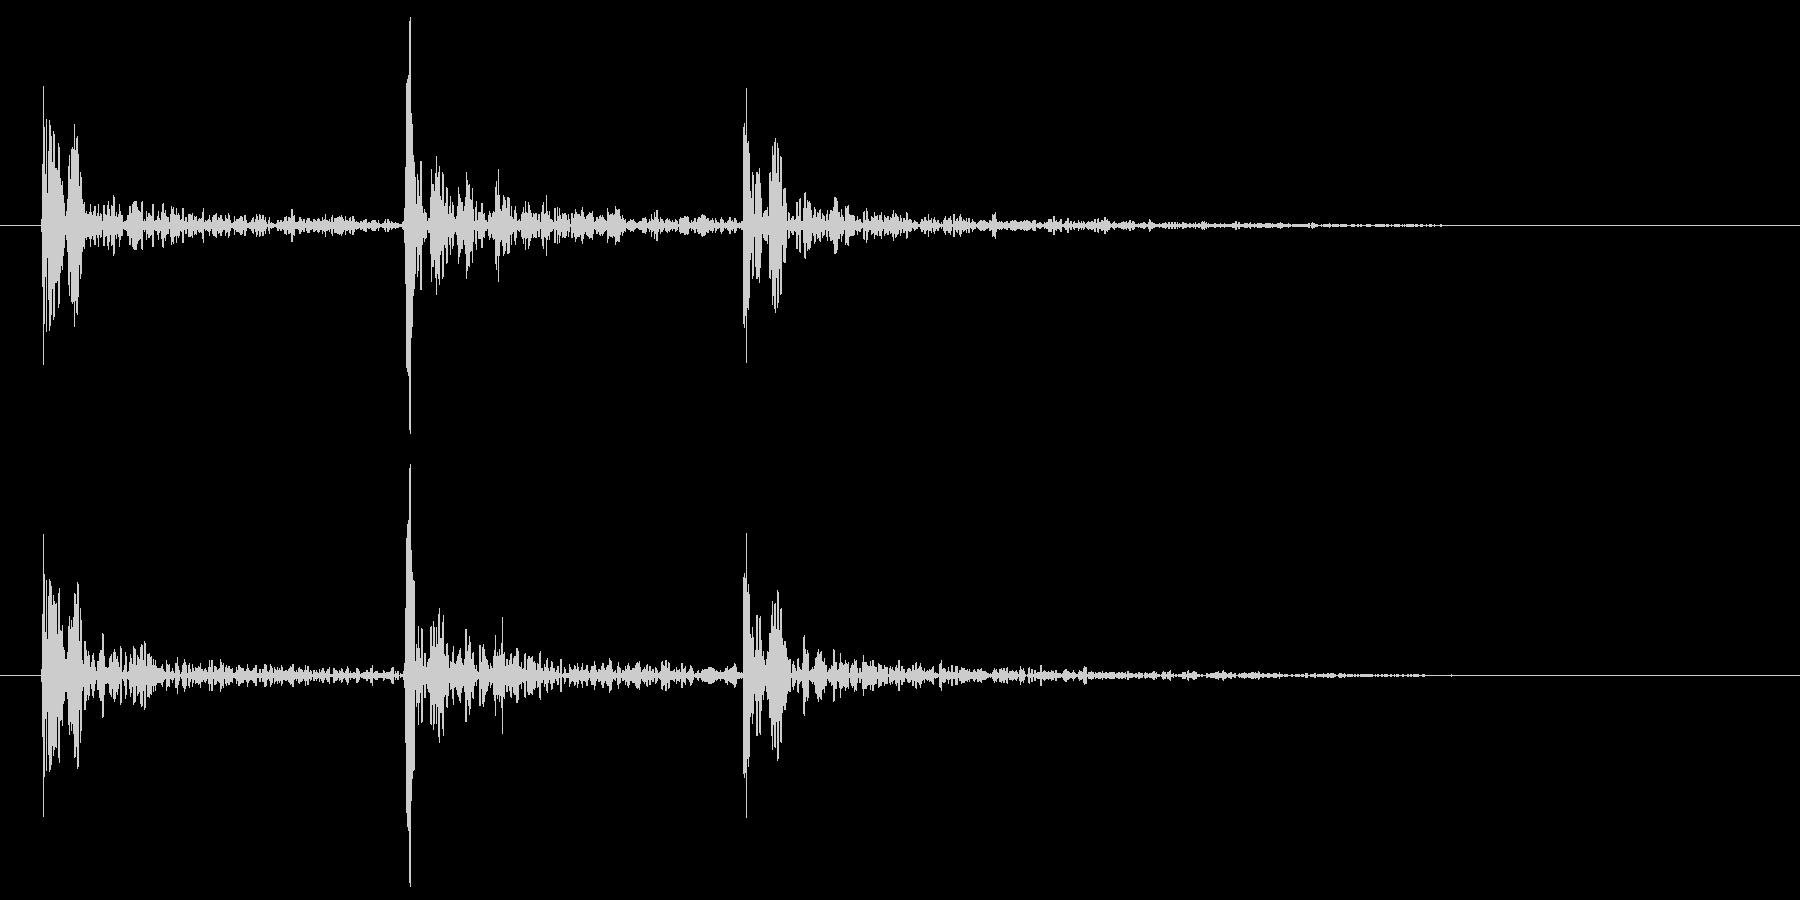 ドアノック 3回 トントントン コンコンの未再生の波形